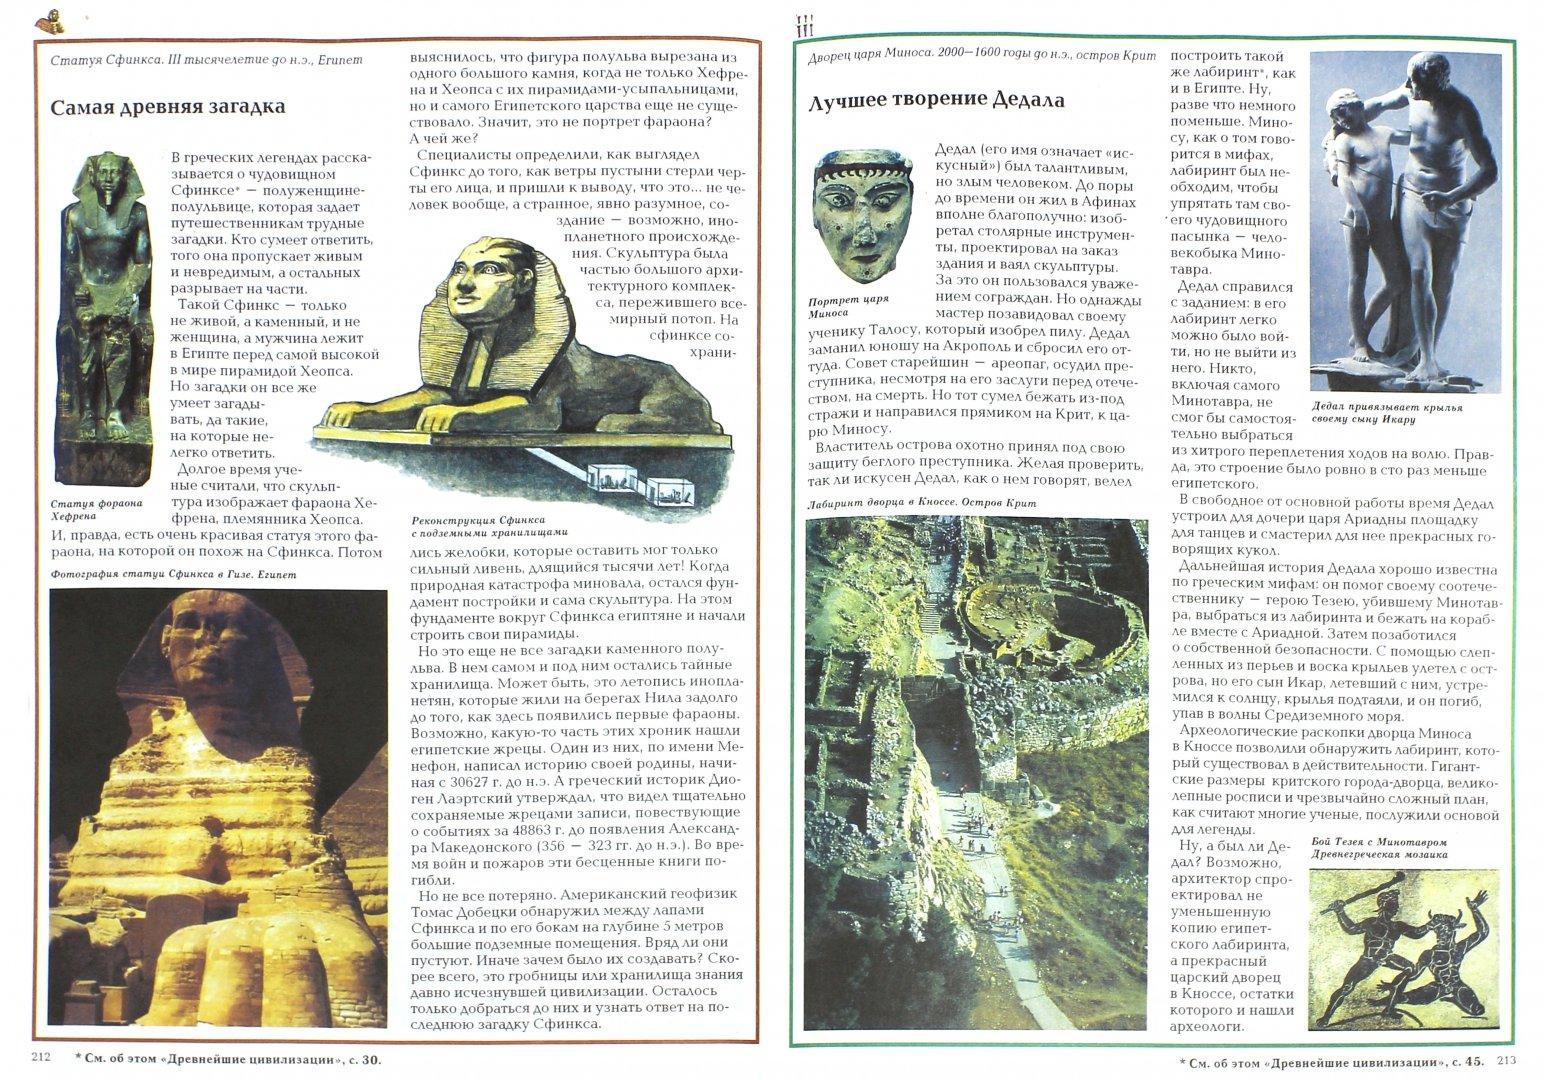 Иллюстрация 1 из 32 для Чудеса света. По странам и континентам - Калашников, Лаврова   Лабиринт - книги. Источник: Лабиринт